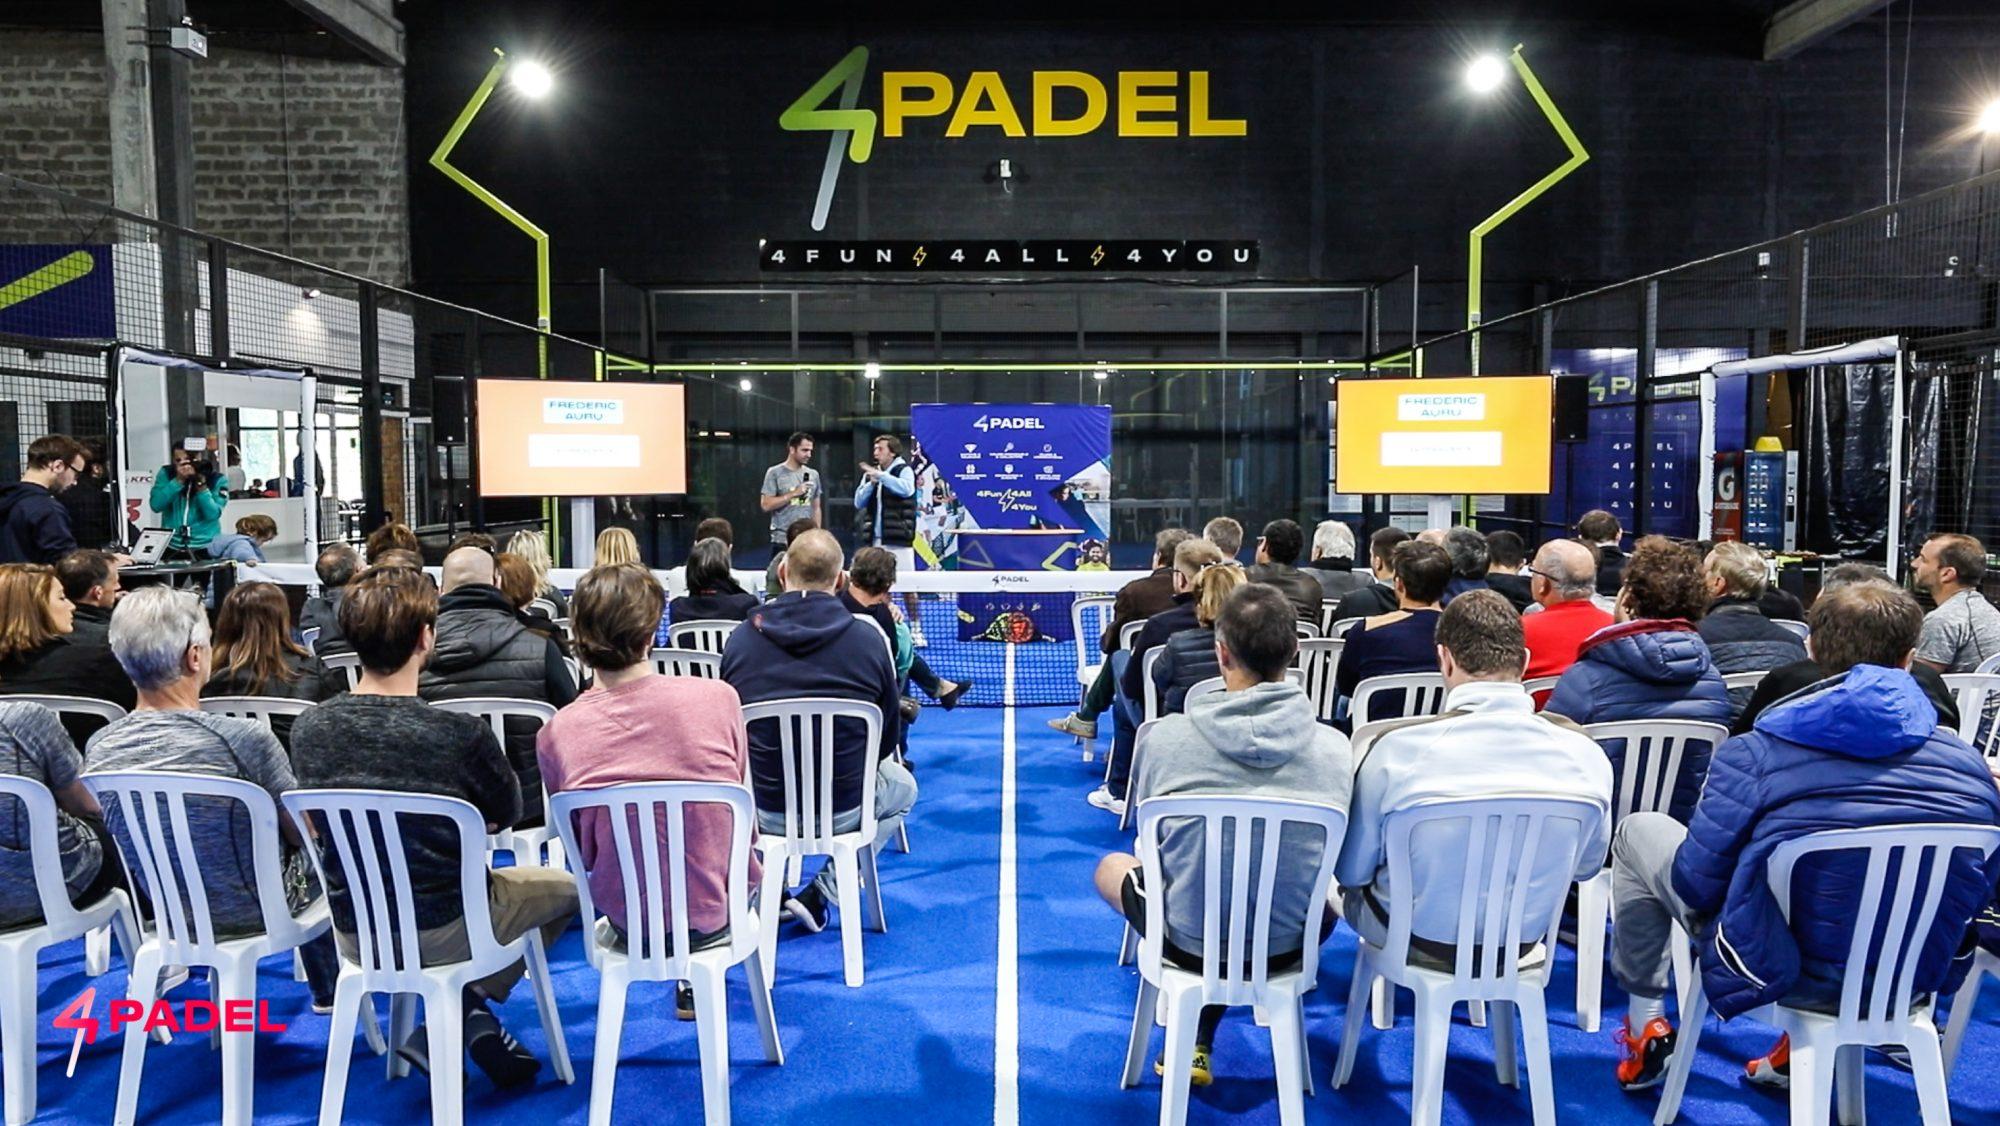 Lancio ufficiale della rete 4PADEL e l'inaugurazione del club del Bordeaux